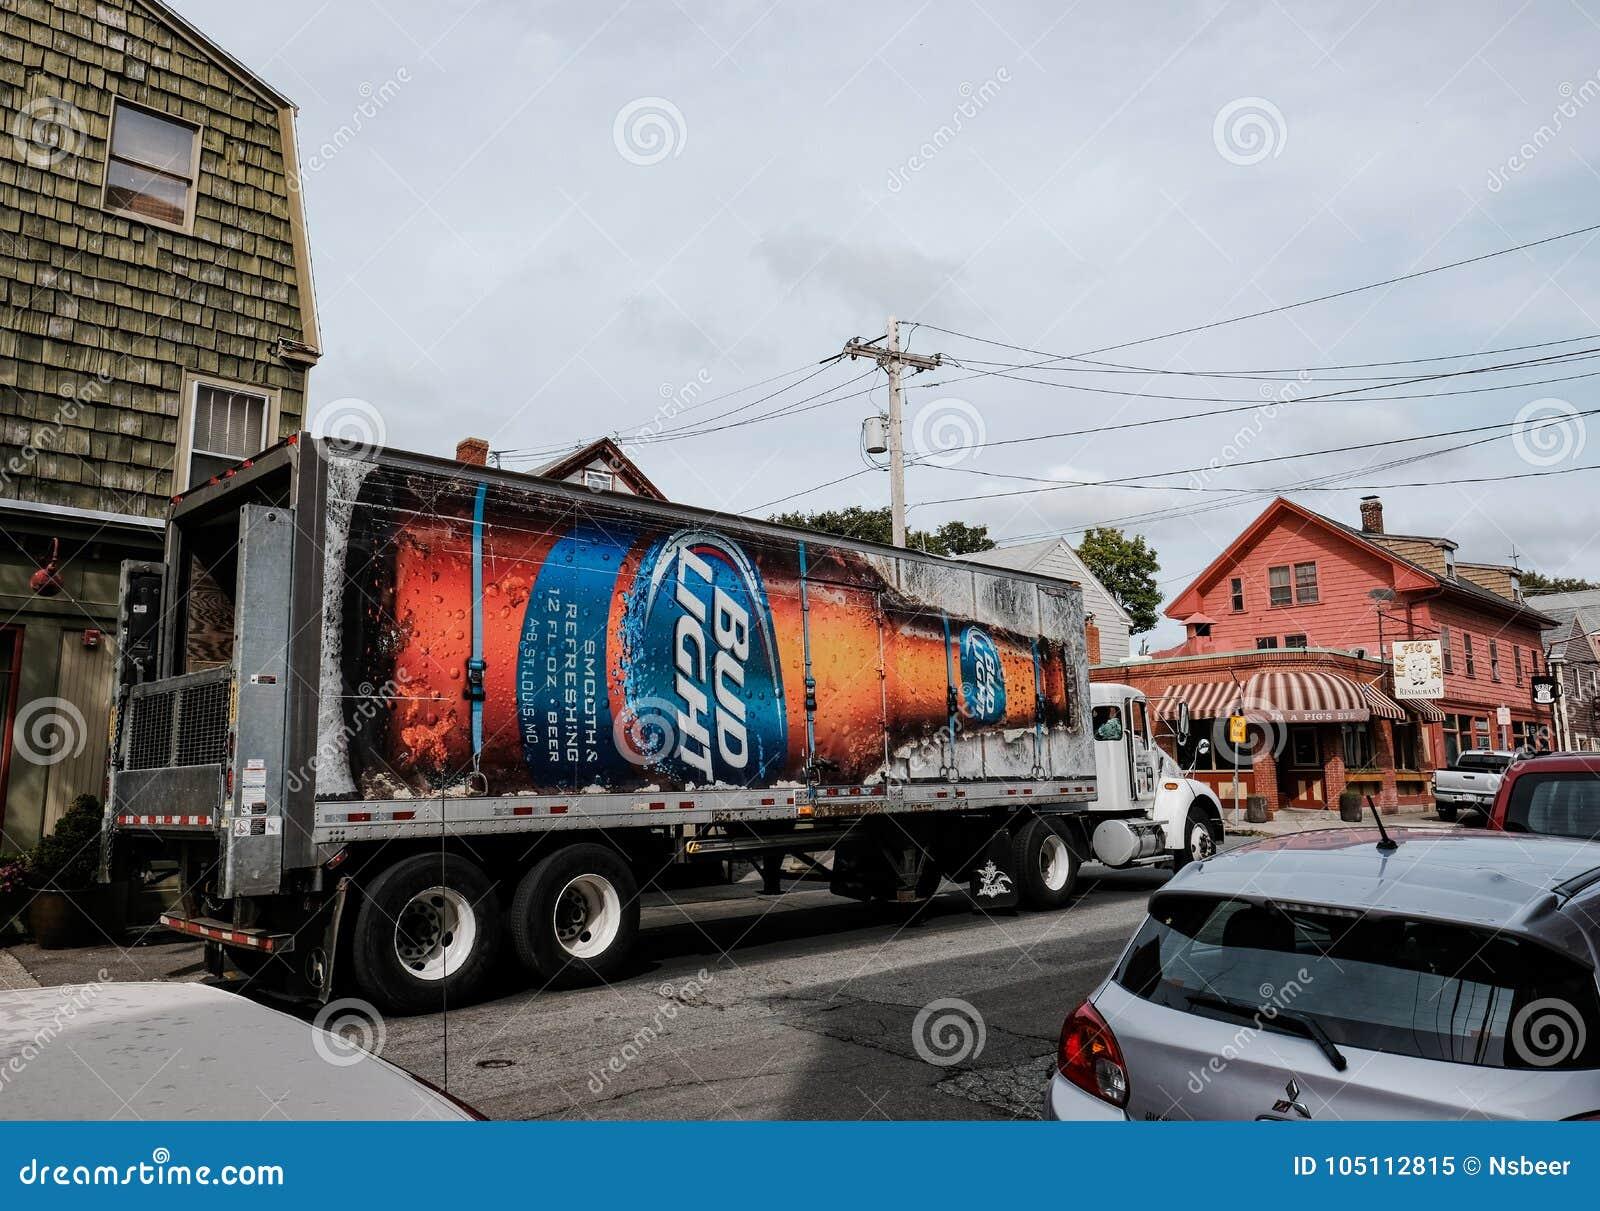 Bierversandlieferwagen gesehen außerhalb einer Bar in Downton Salem, MA